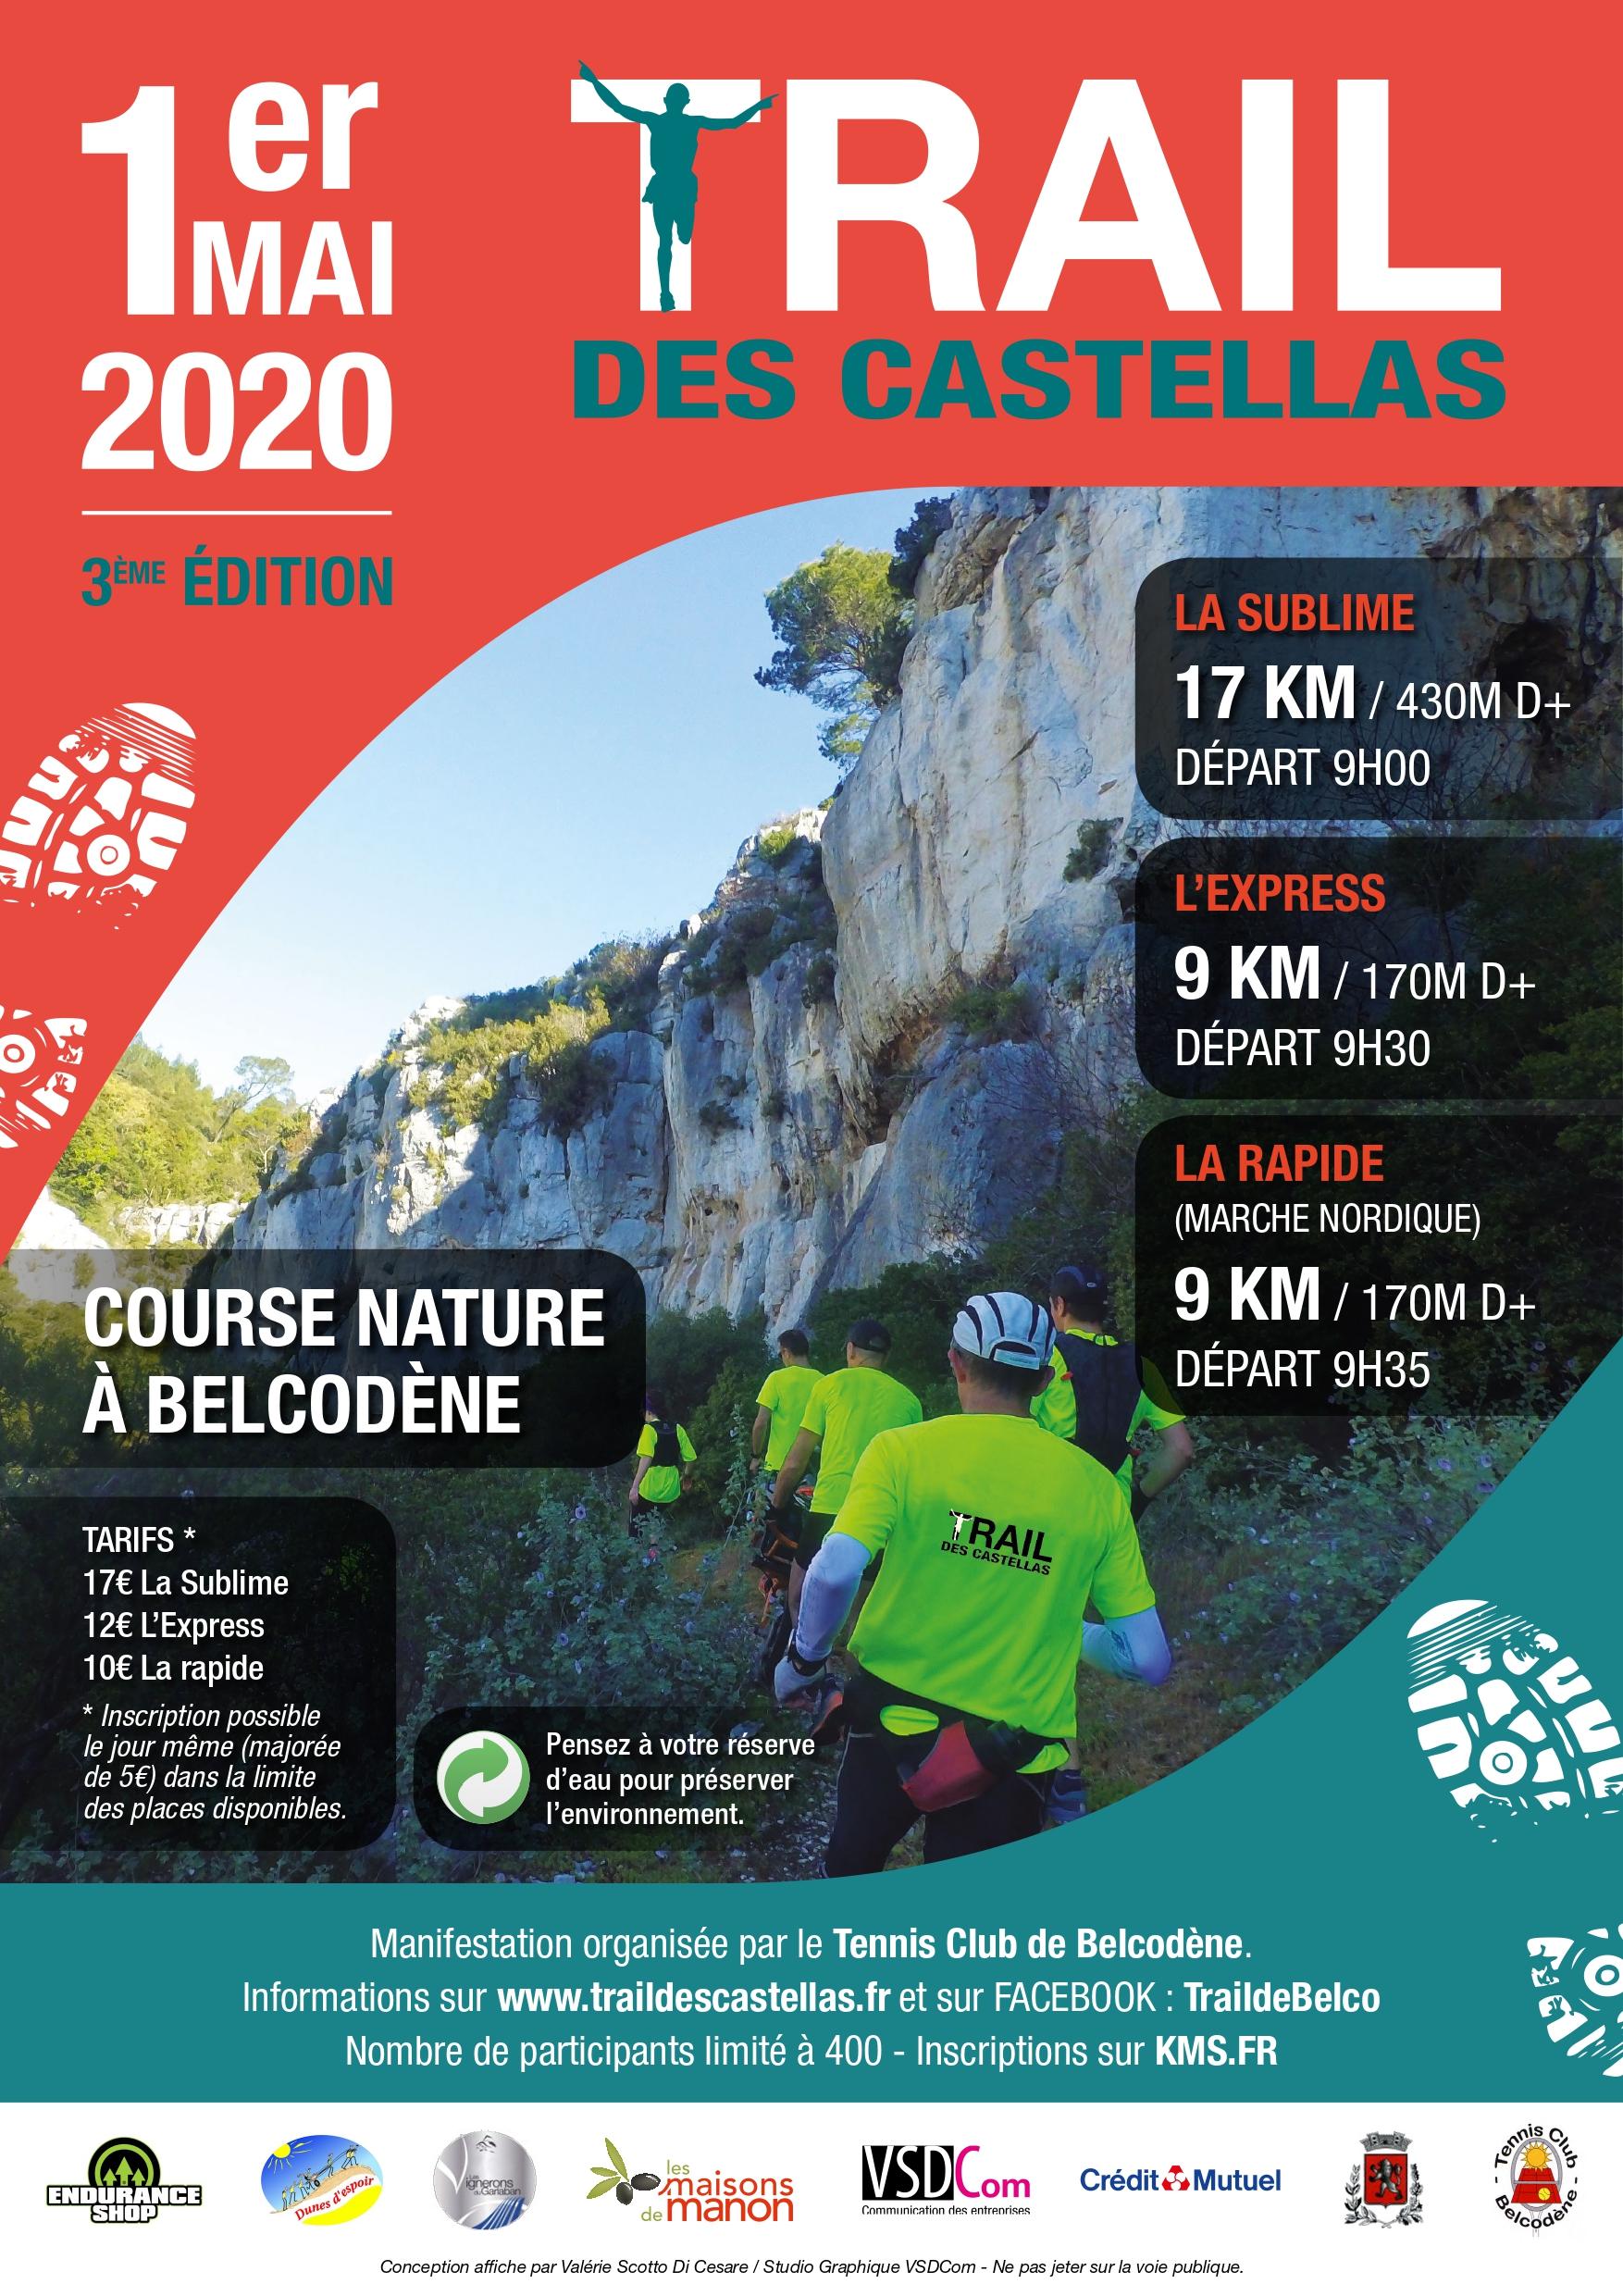 Trail des Castellas - Marche Nordique La Rapide - 9km